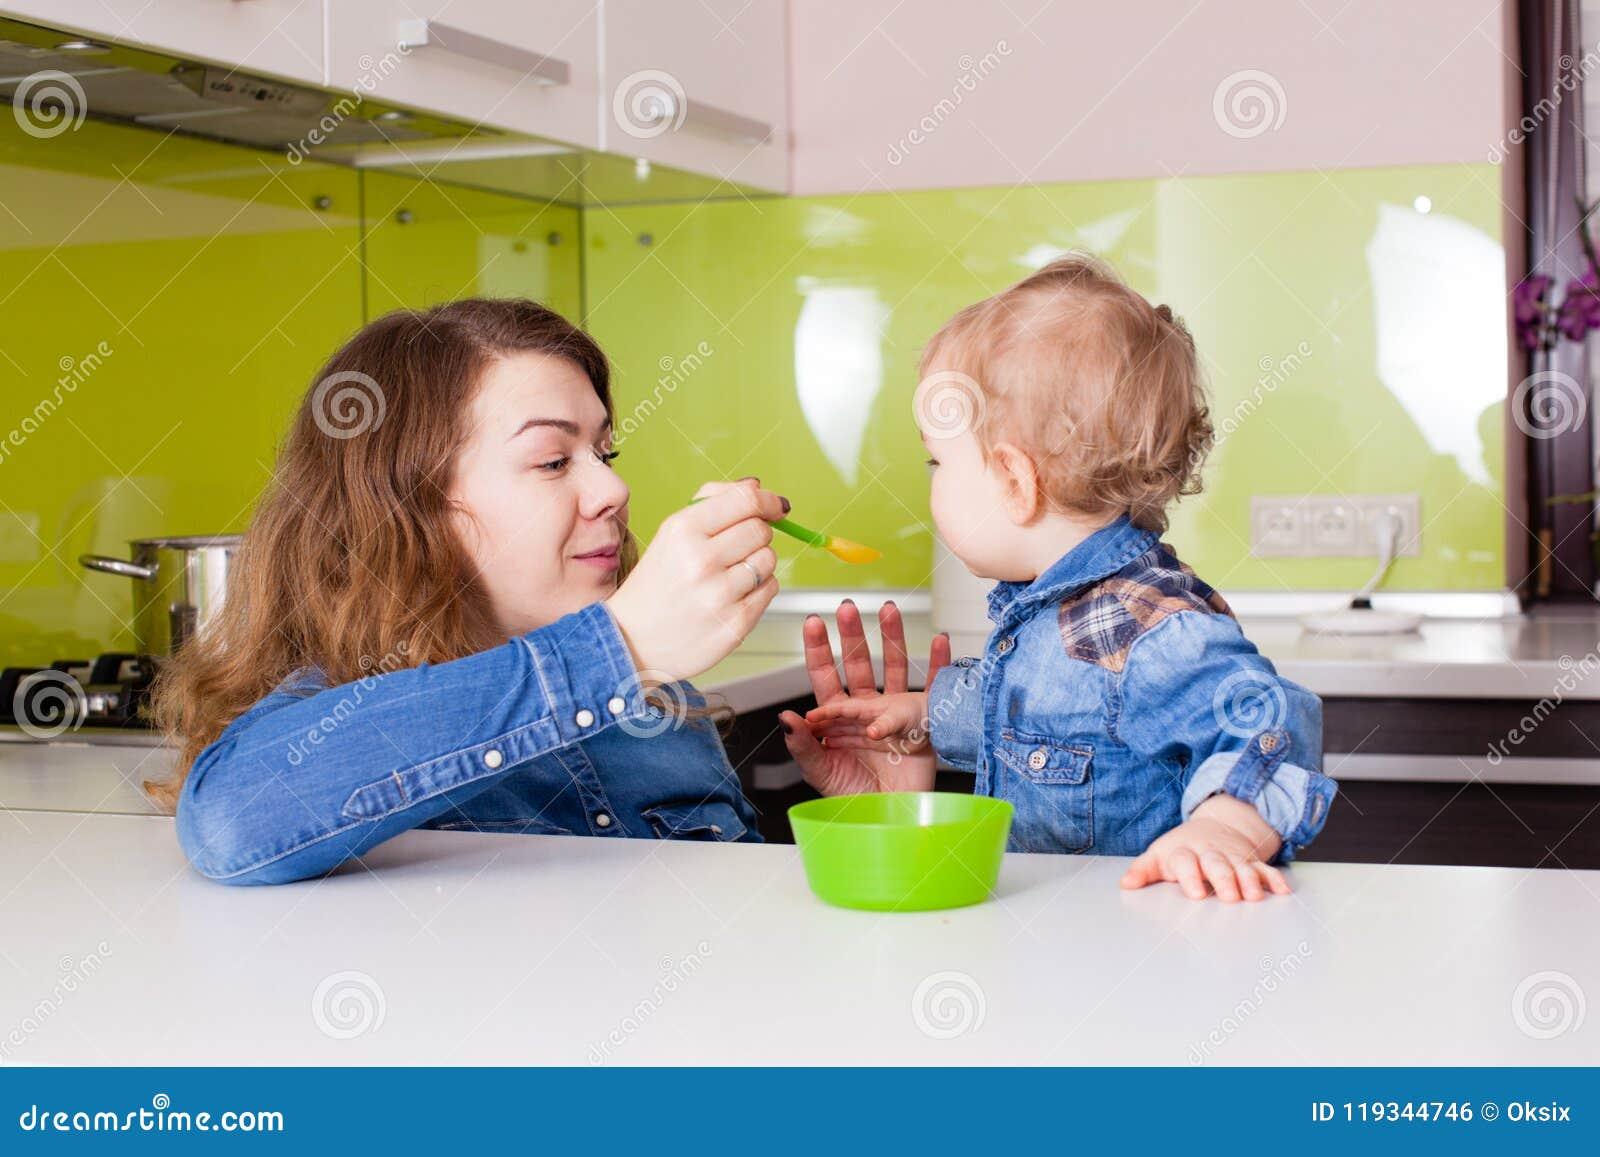 Mutter zieht ihr Kind ein stockfoto. Bild von führen